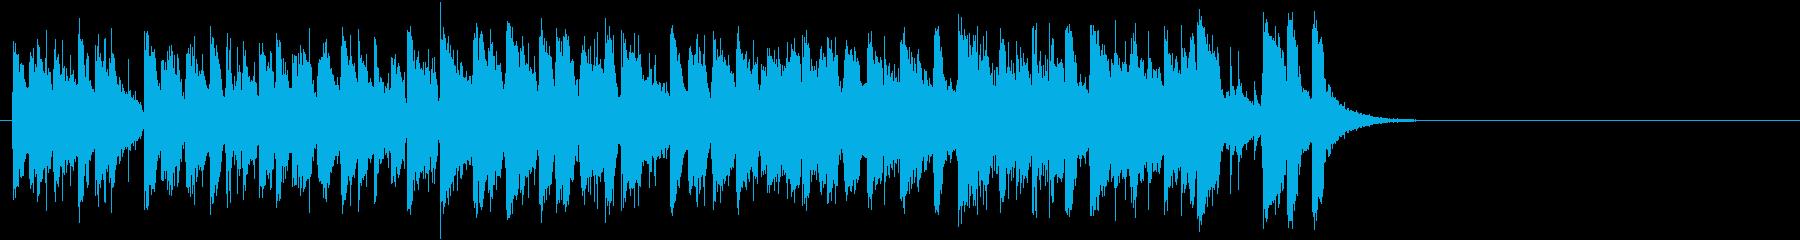 爽快なフュージョン(Aメロ)の再生済みの波形